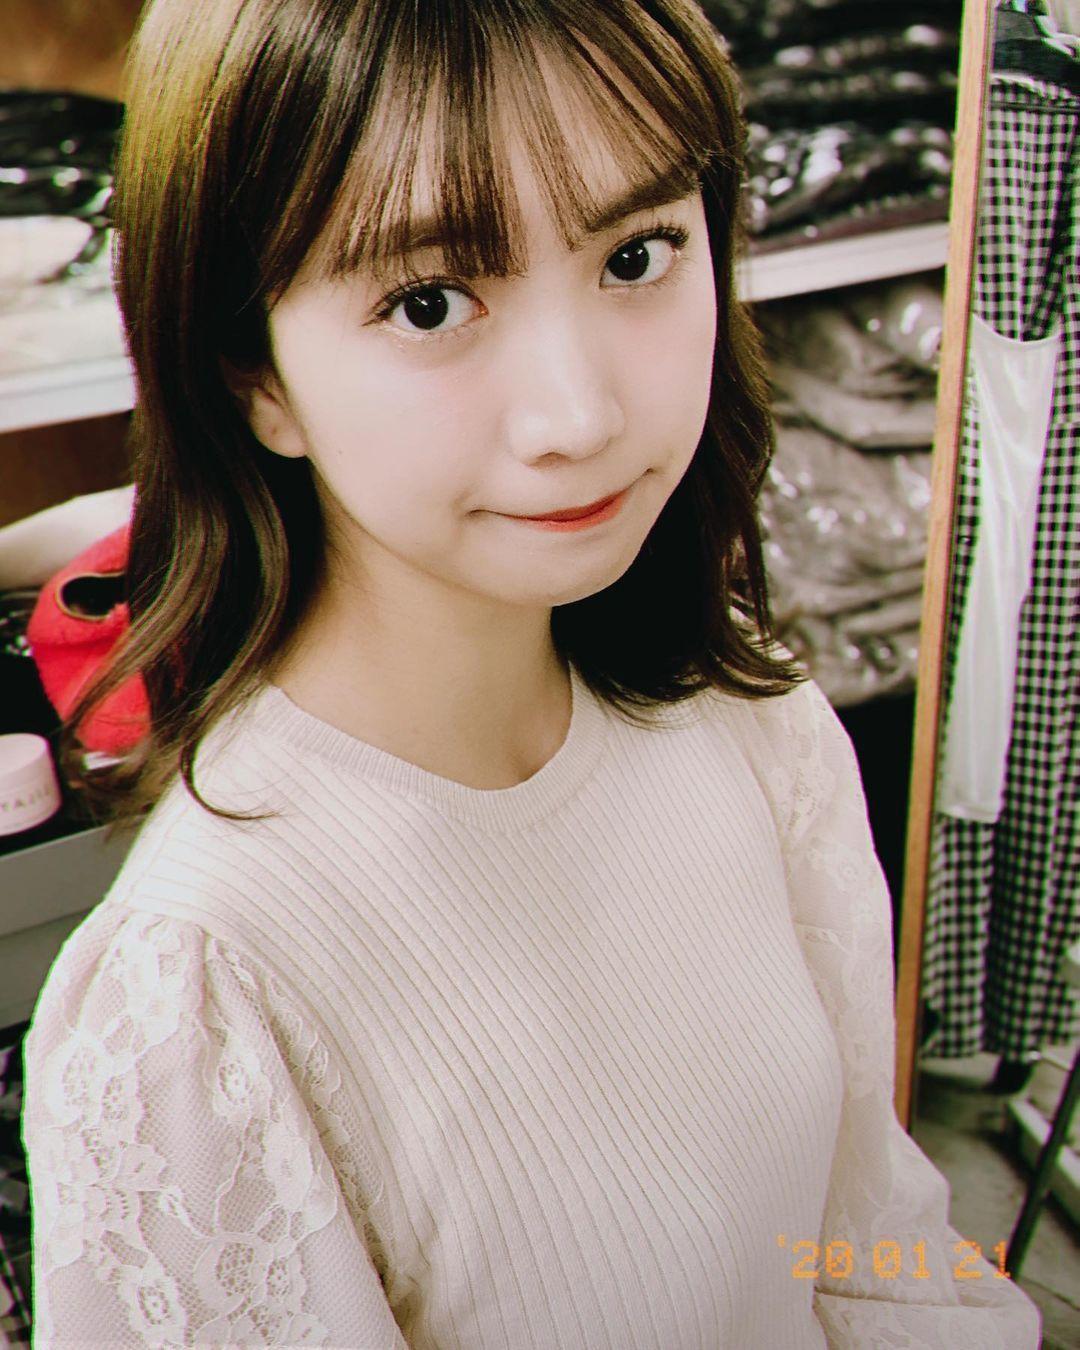 日本最可爱便利店员「源藤アンリ」,迷人笑容让人秒沦陷-新图包